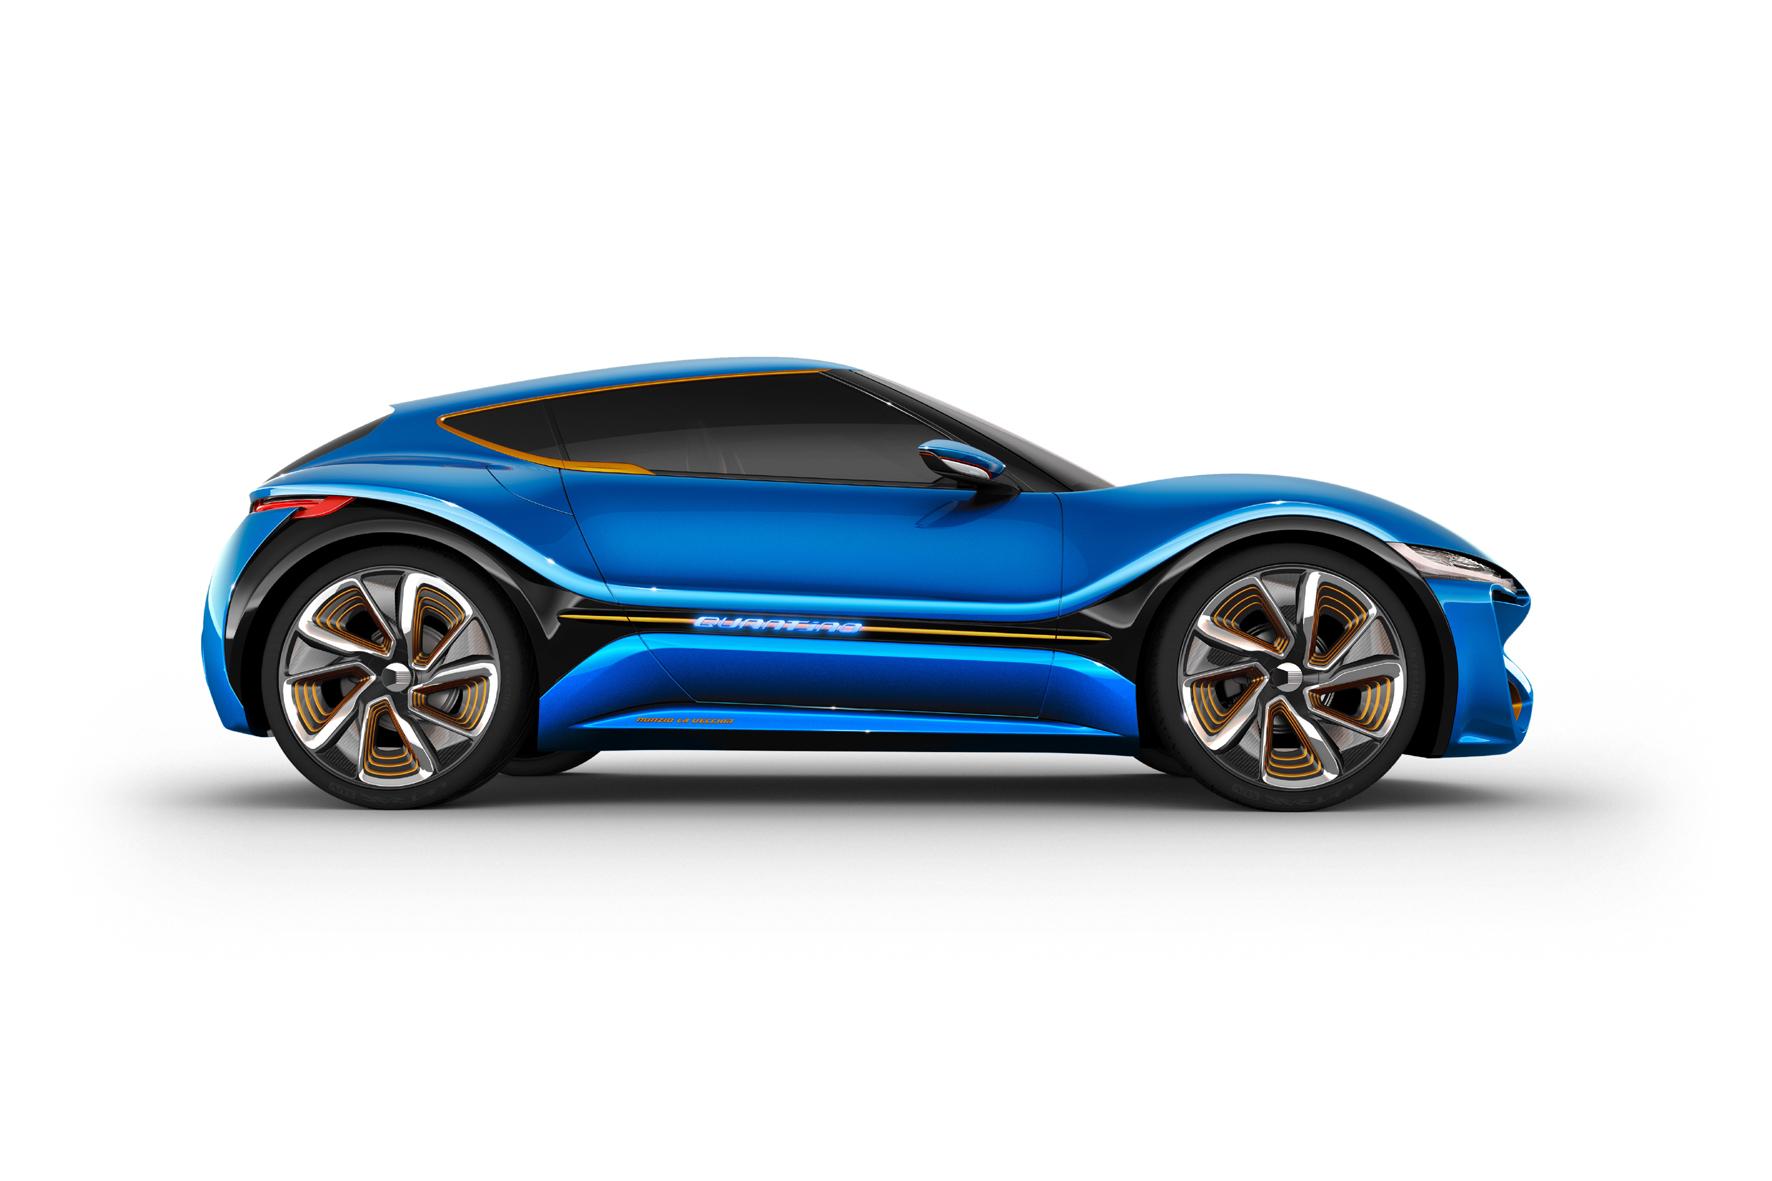 Sportliches Elektroauto mit 1000 Kilometer Reichweite